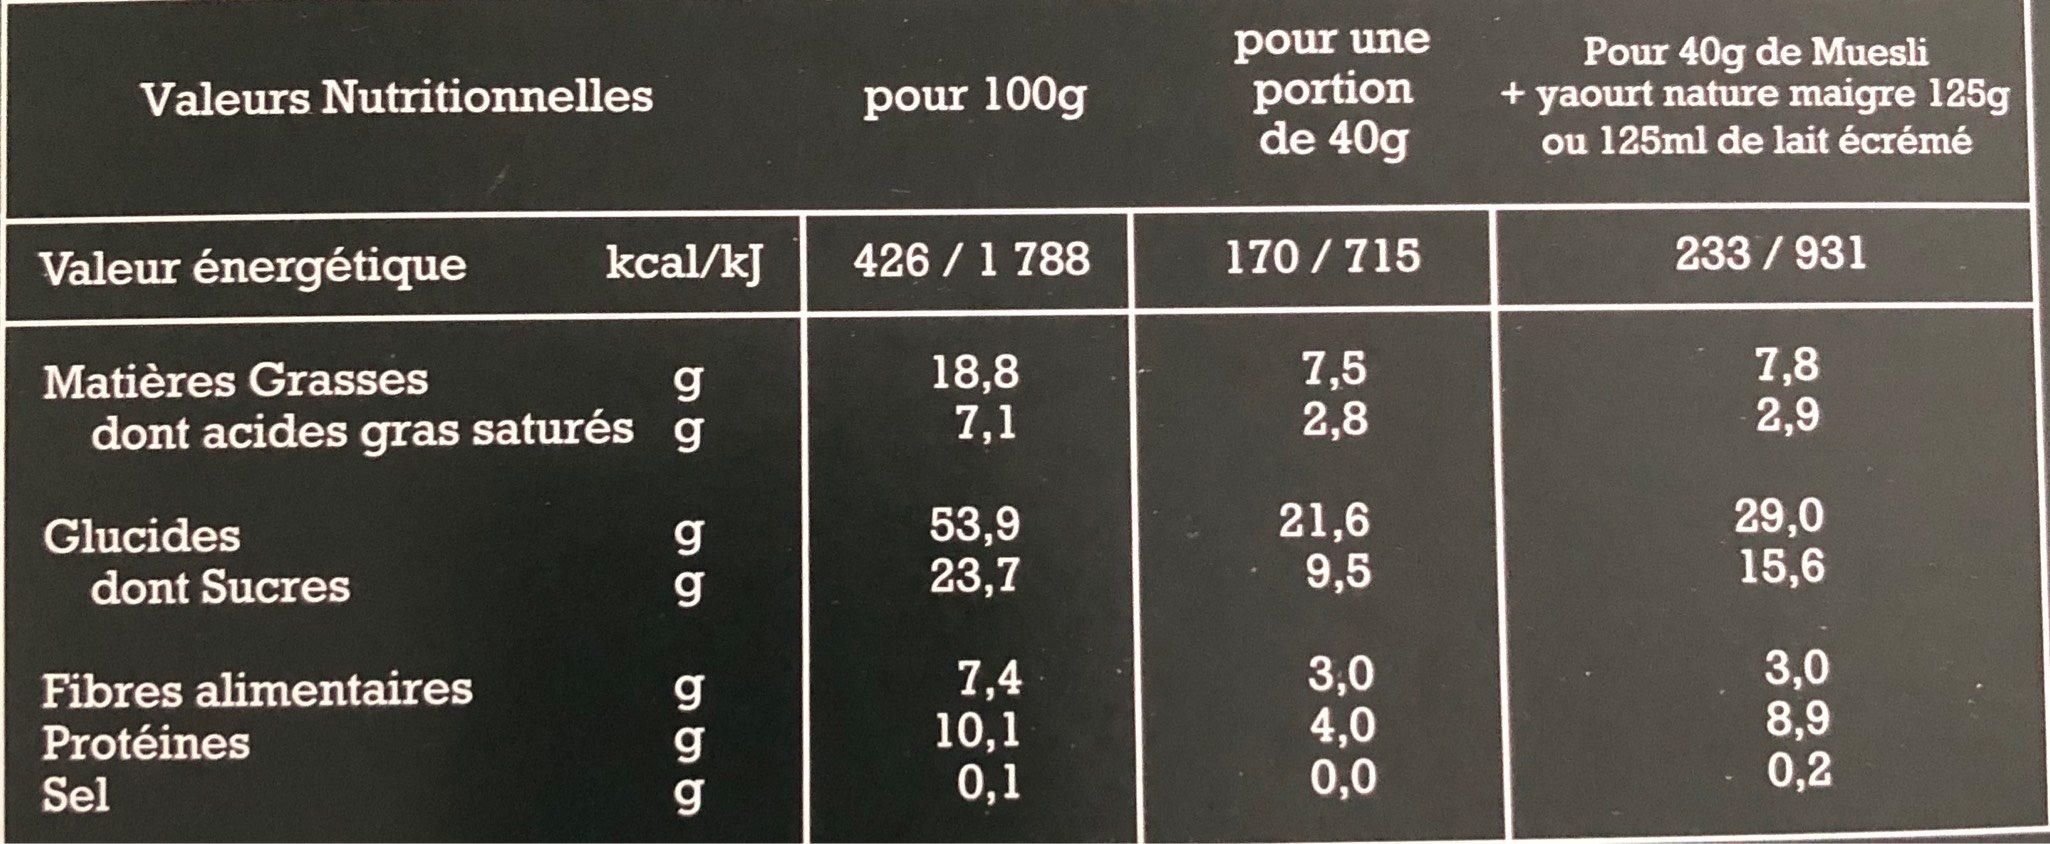 Muesli Croustillant aux super fruits BIO - Informations nutritionnelles - fr